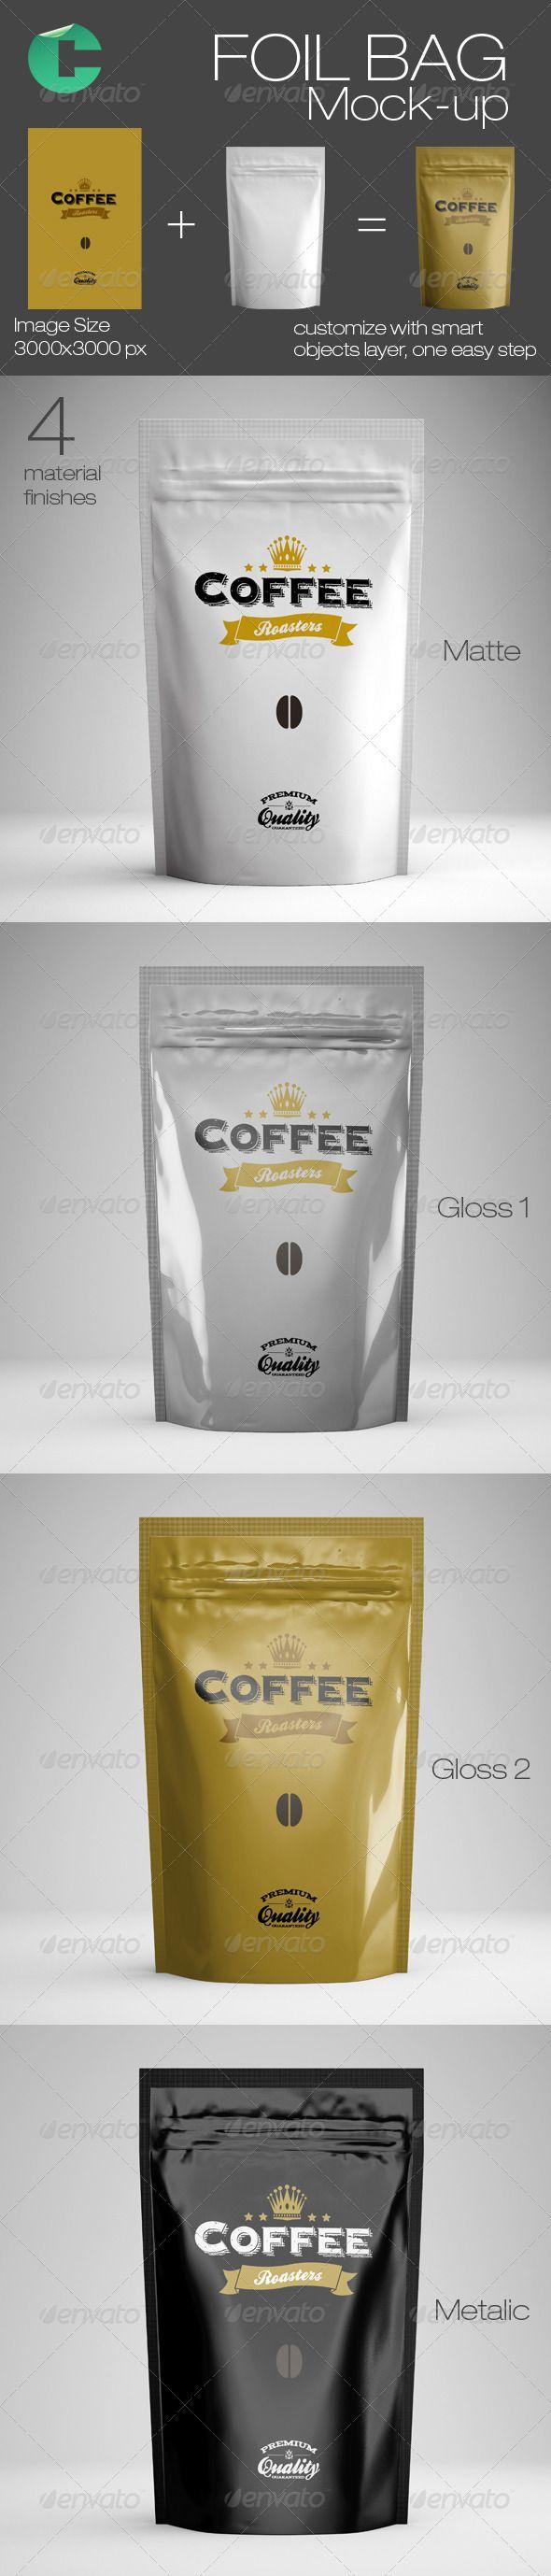 Foil Bag Mock-up - Food and Drink Packaging